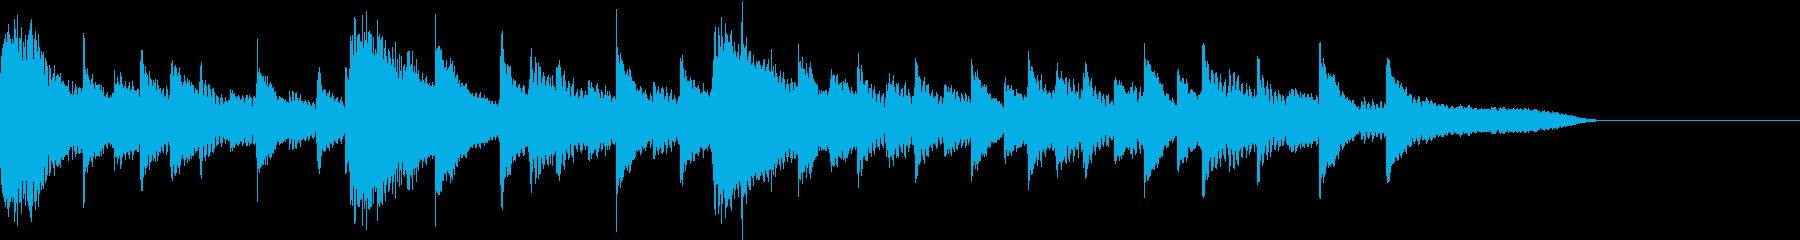 海・透明感・夏の涼しげピアノジングル3の再生済みの波形